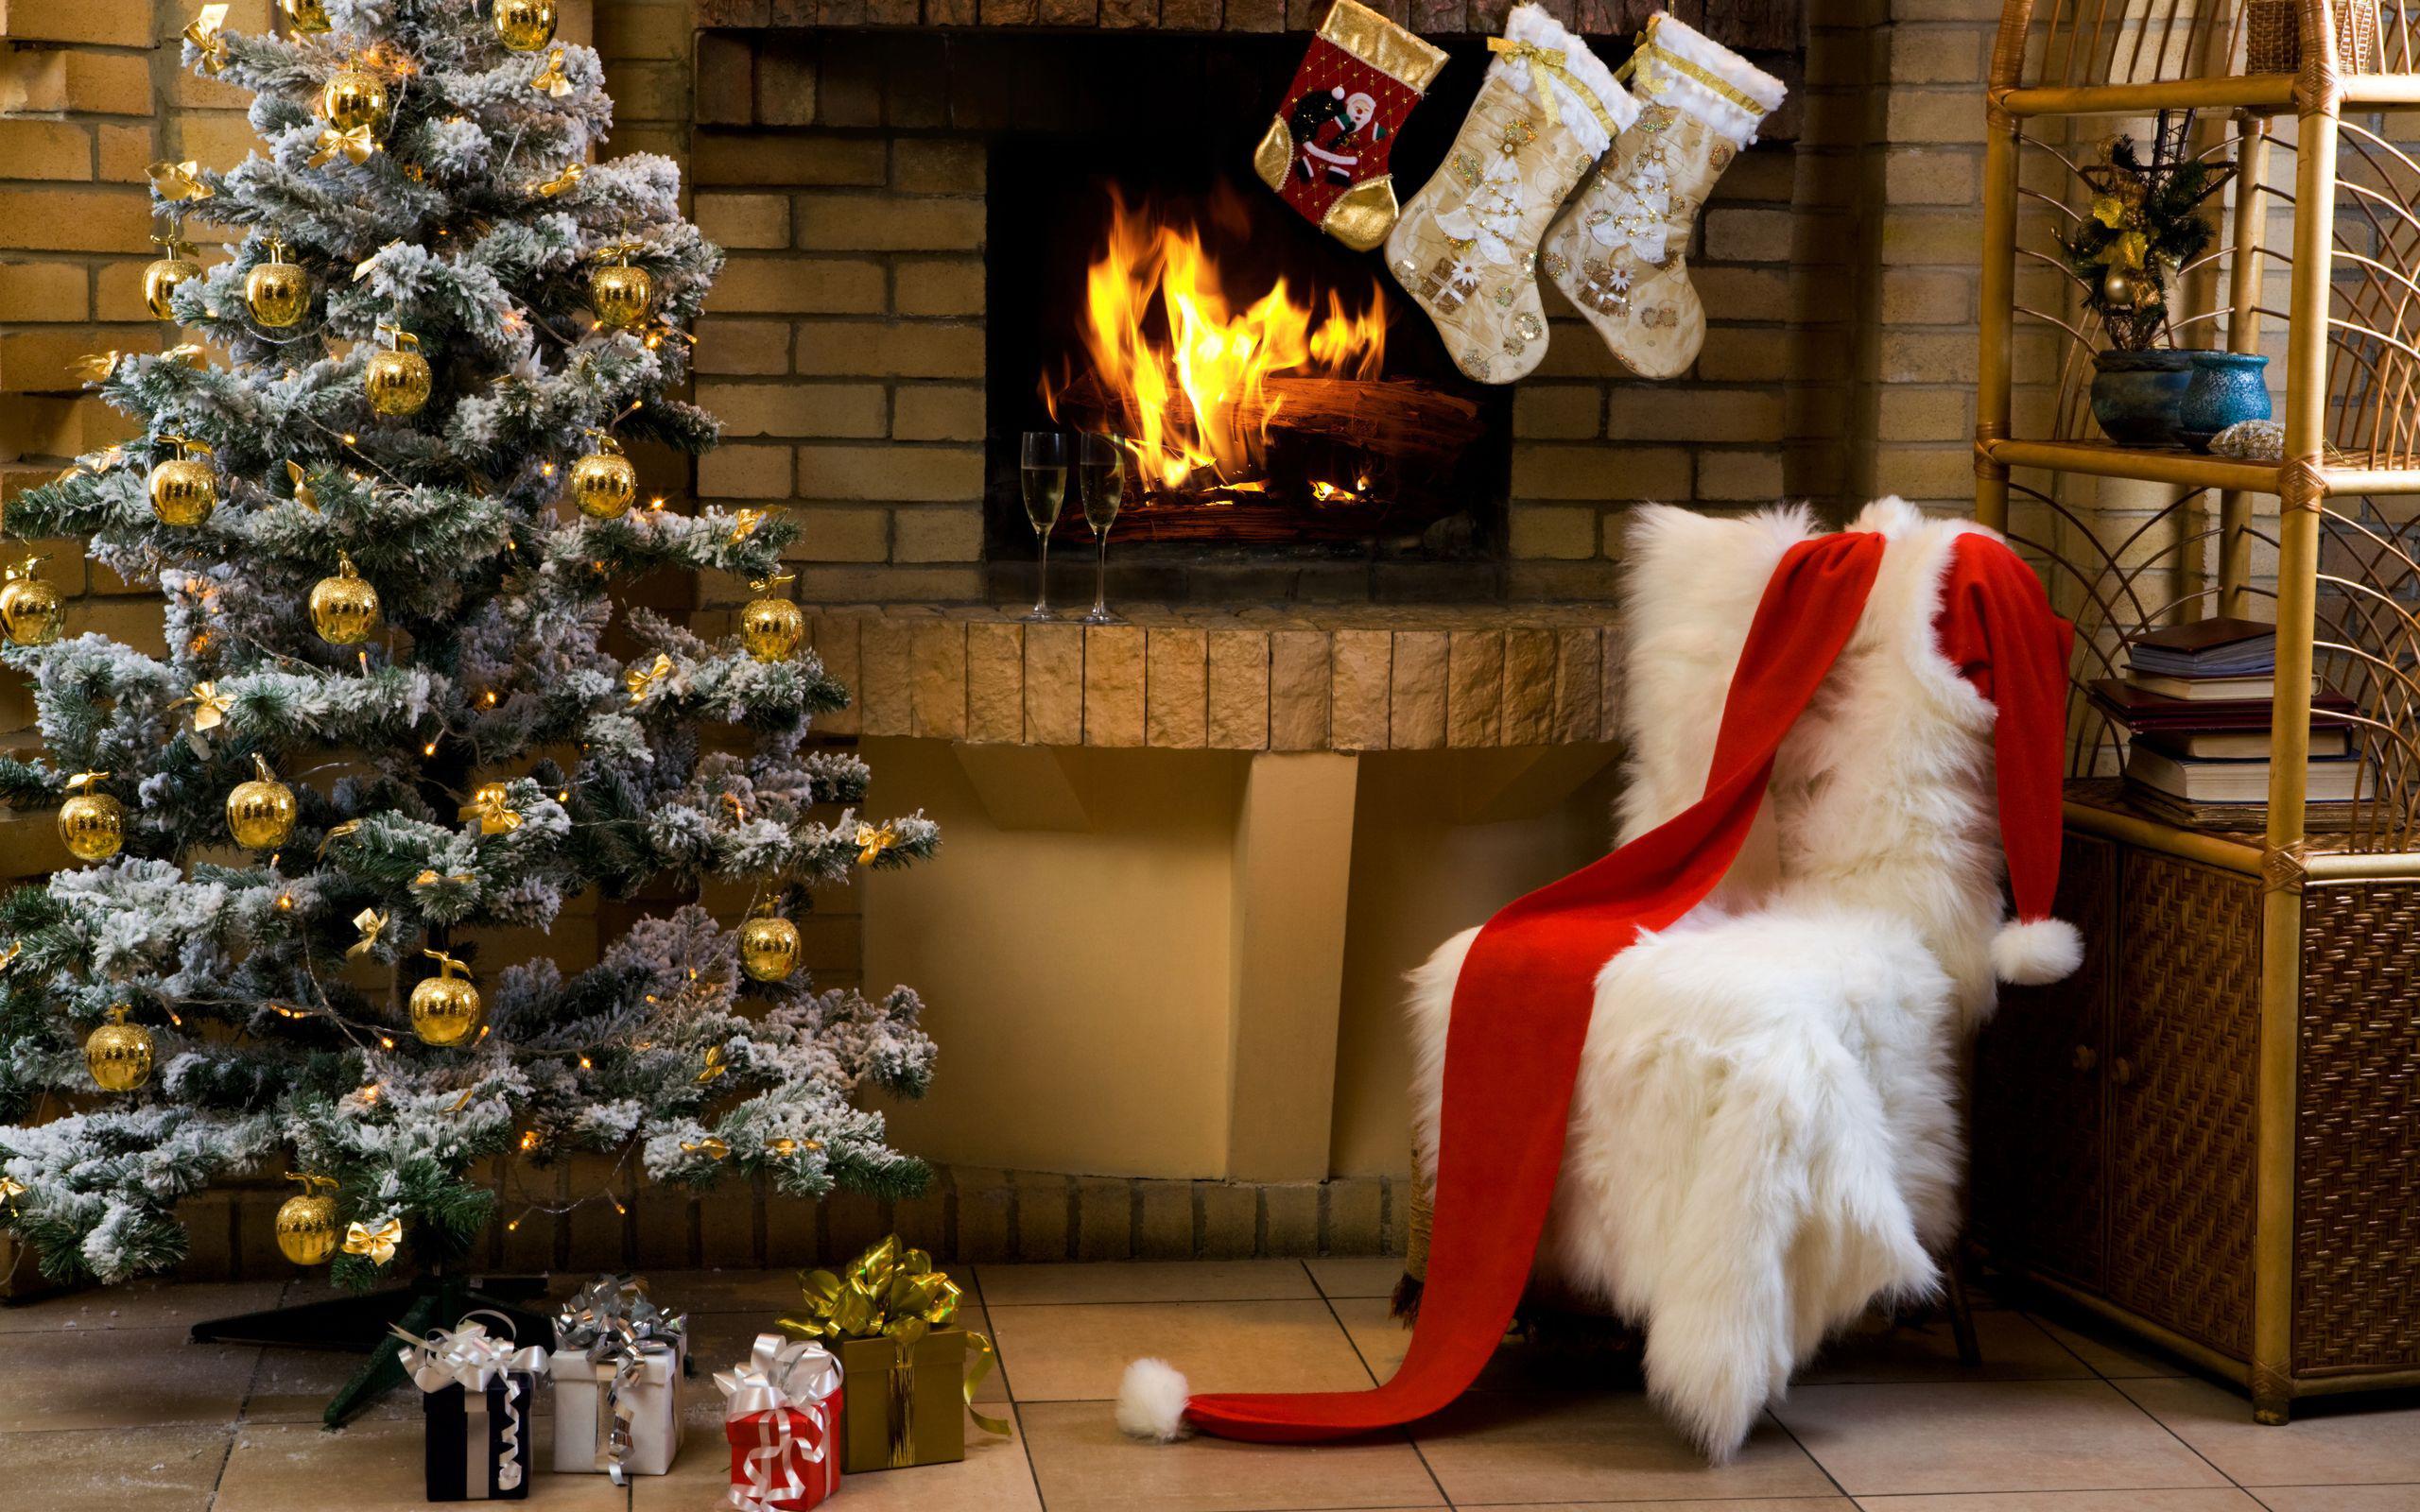 связана созданием новогодние картинки елка с подарками и камином актер, чье имя